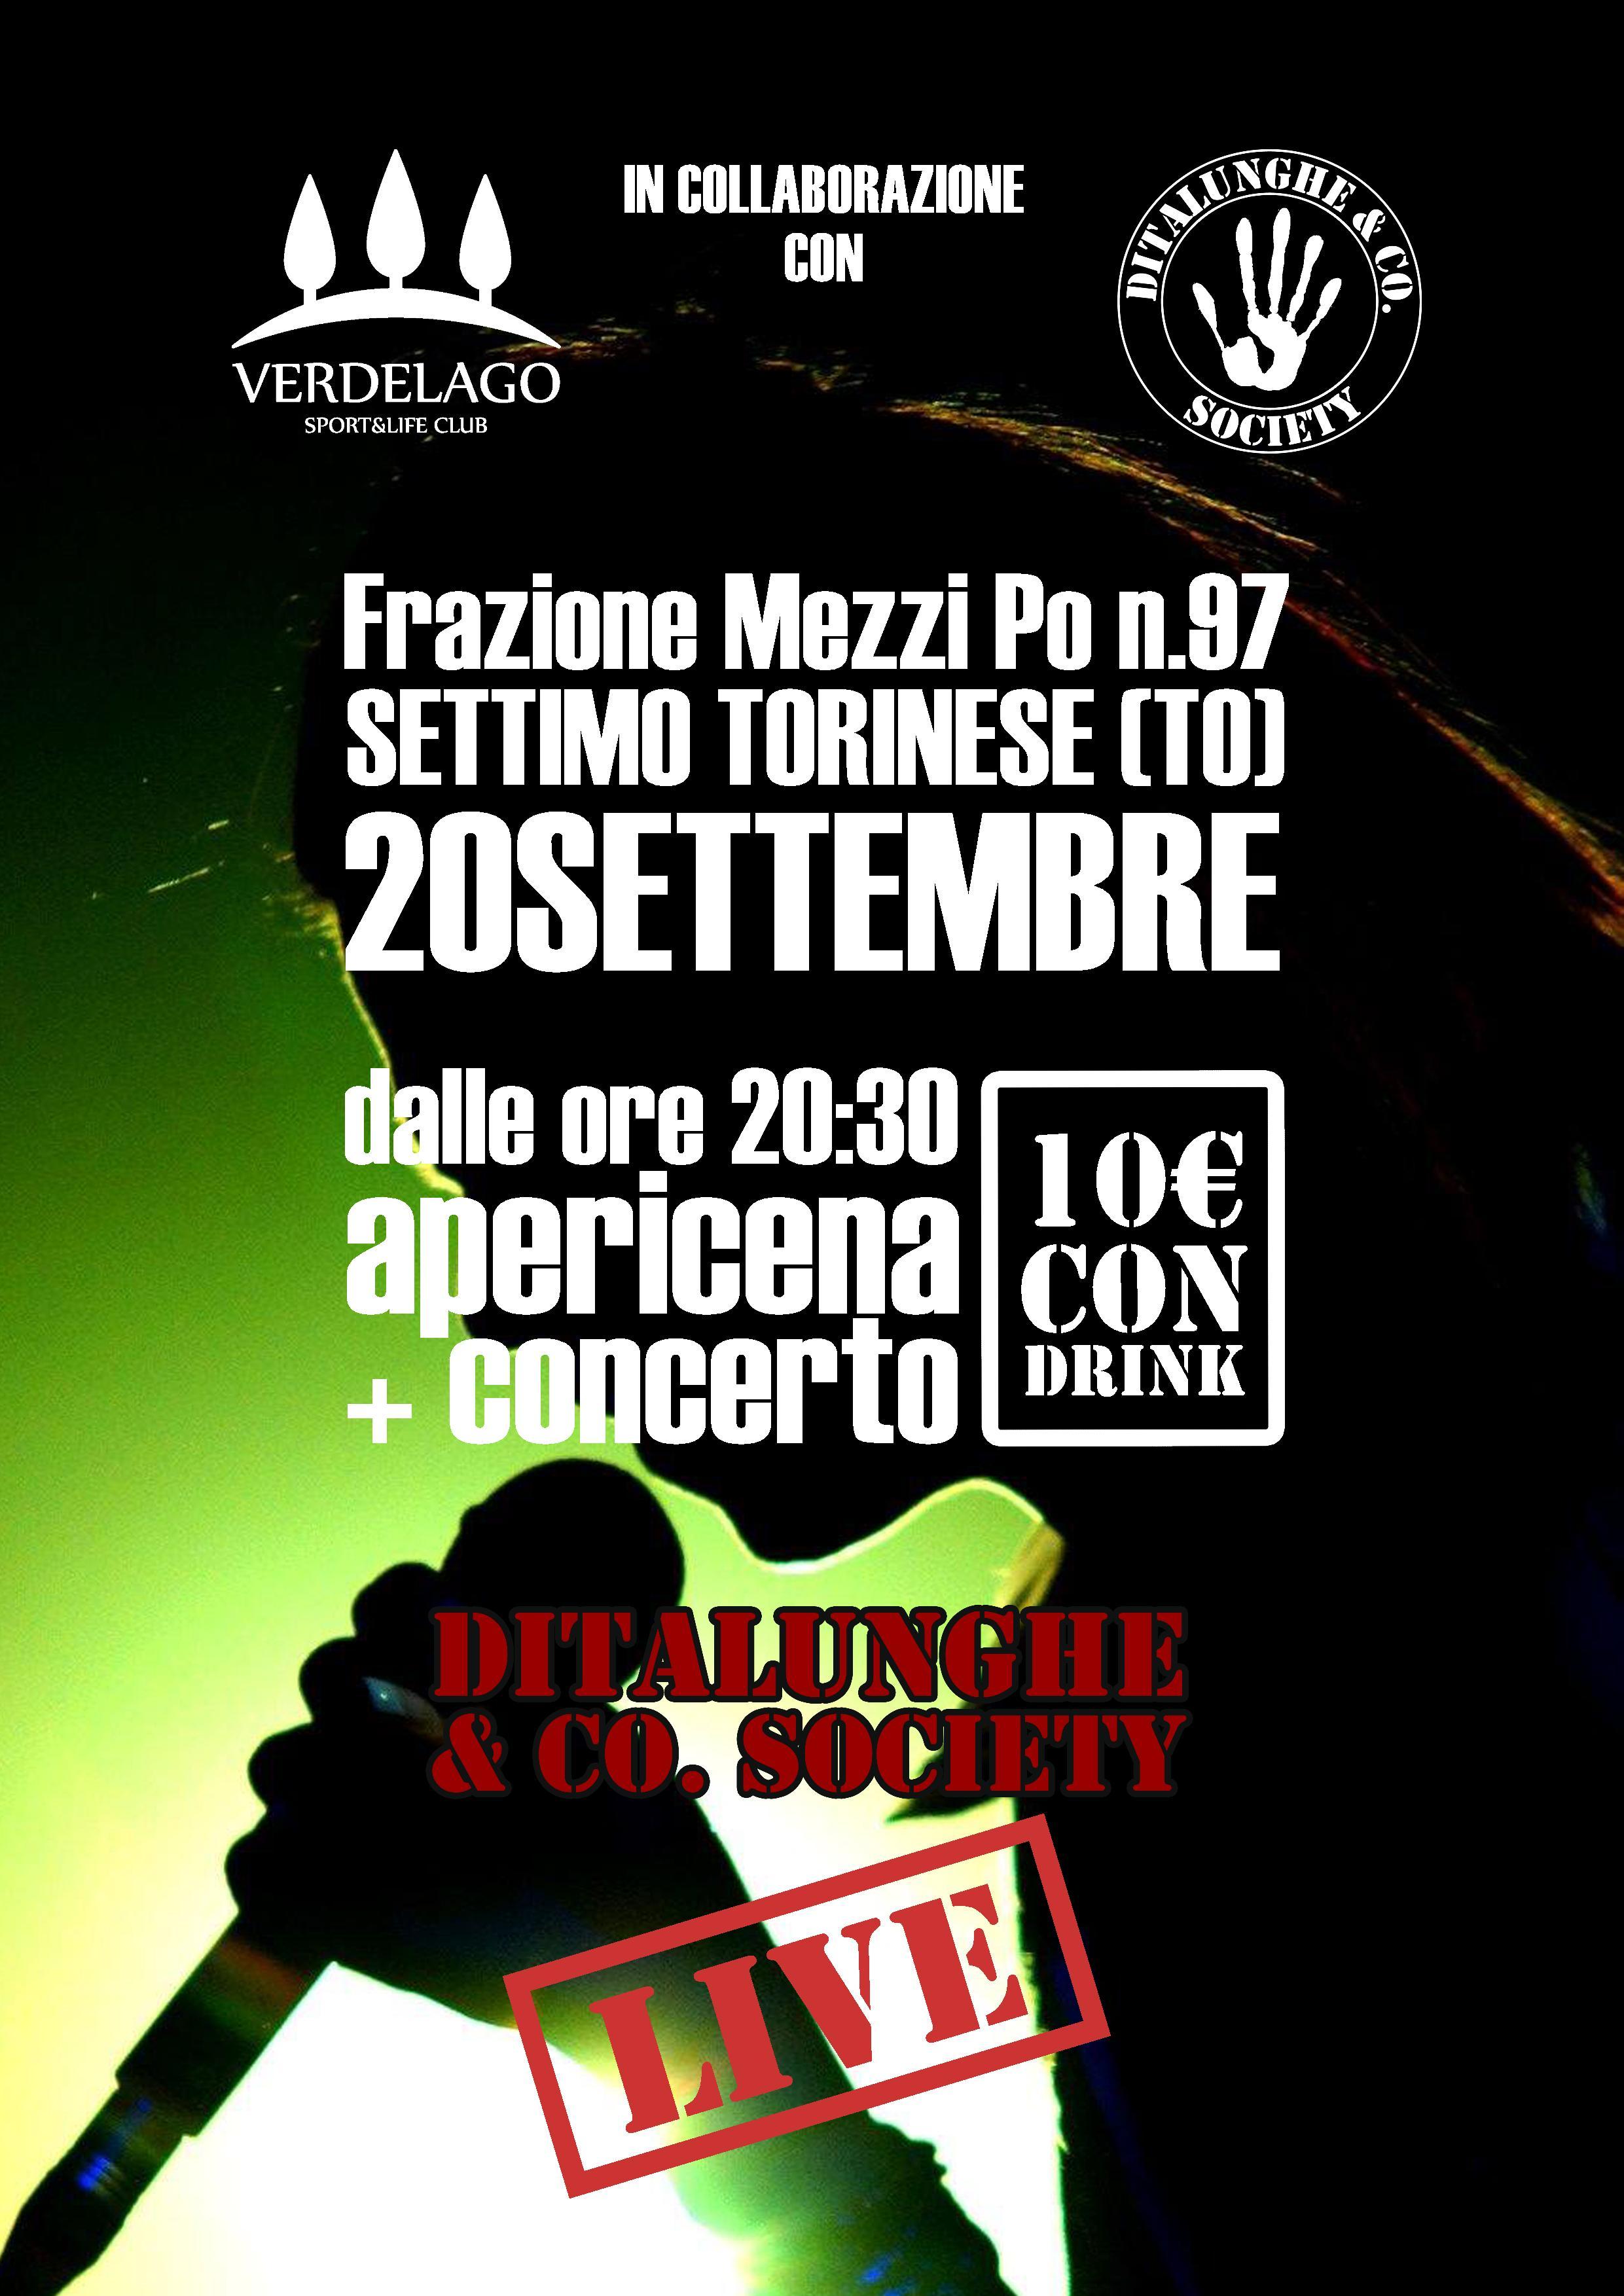 VERDELAGO Locandina concerto 20 settembre-page-001